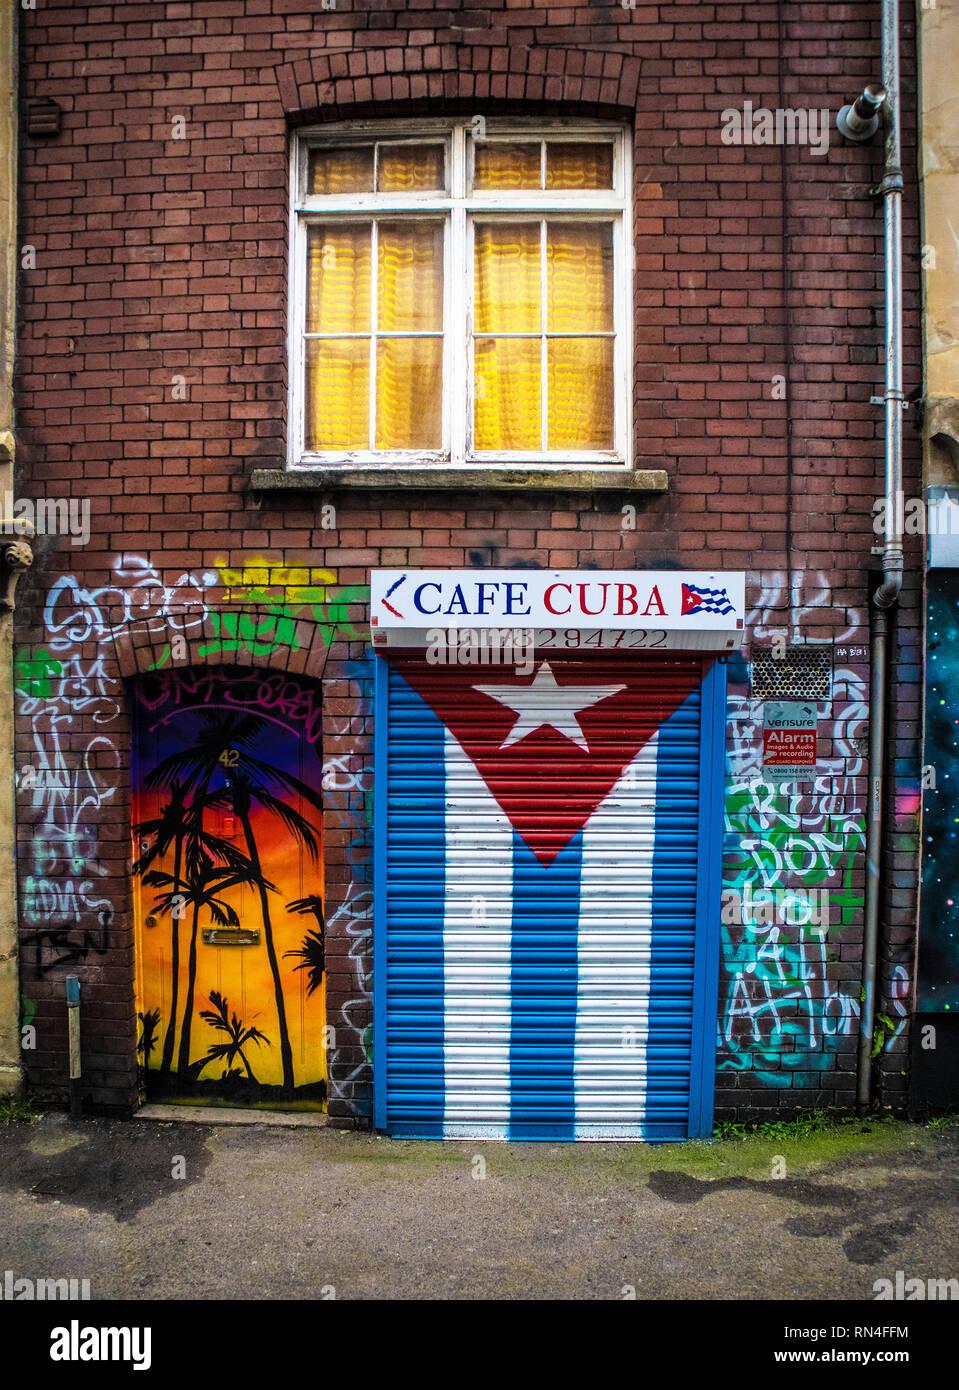 SWINDON, UK - FEBRUARY 12, 2019: Cafe Cuba in Stokes Croft Bristol, UK - Stock Image